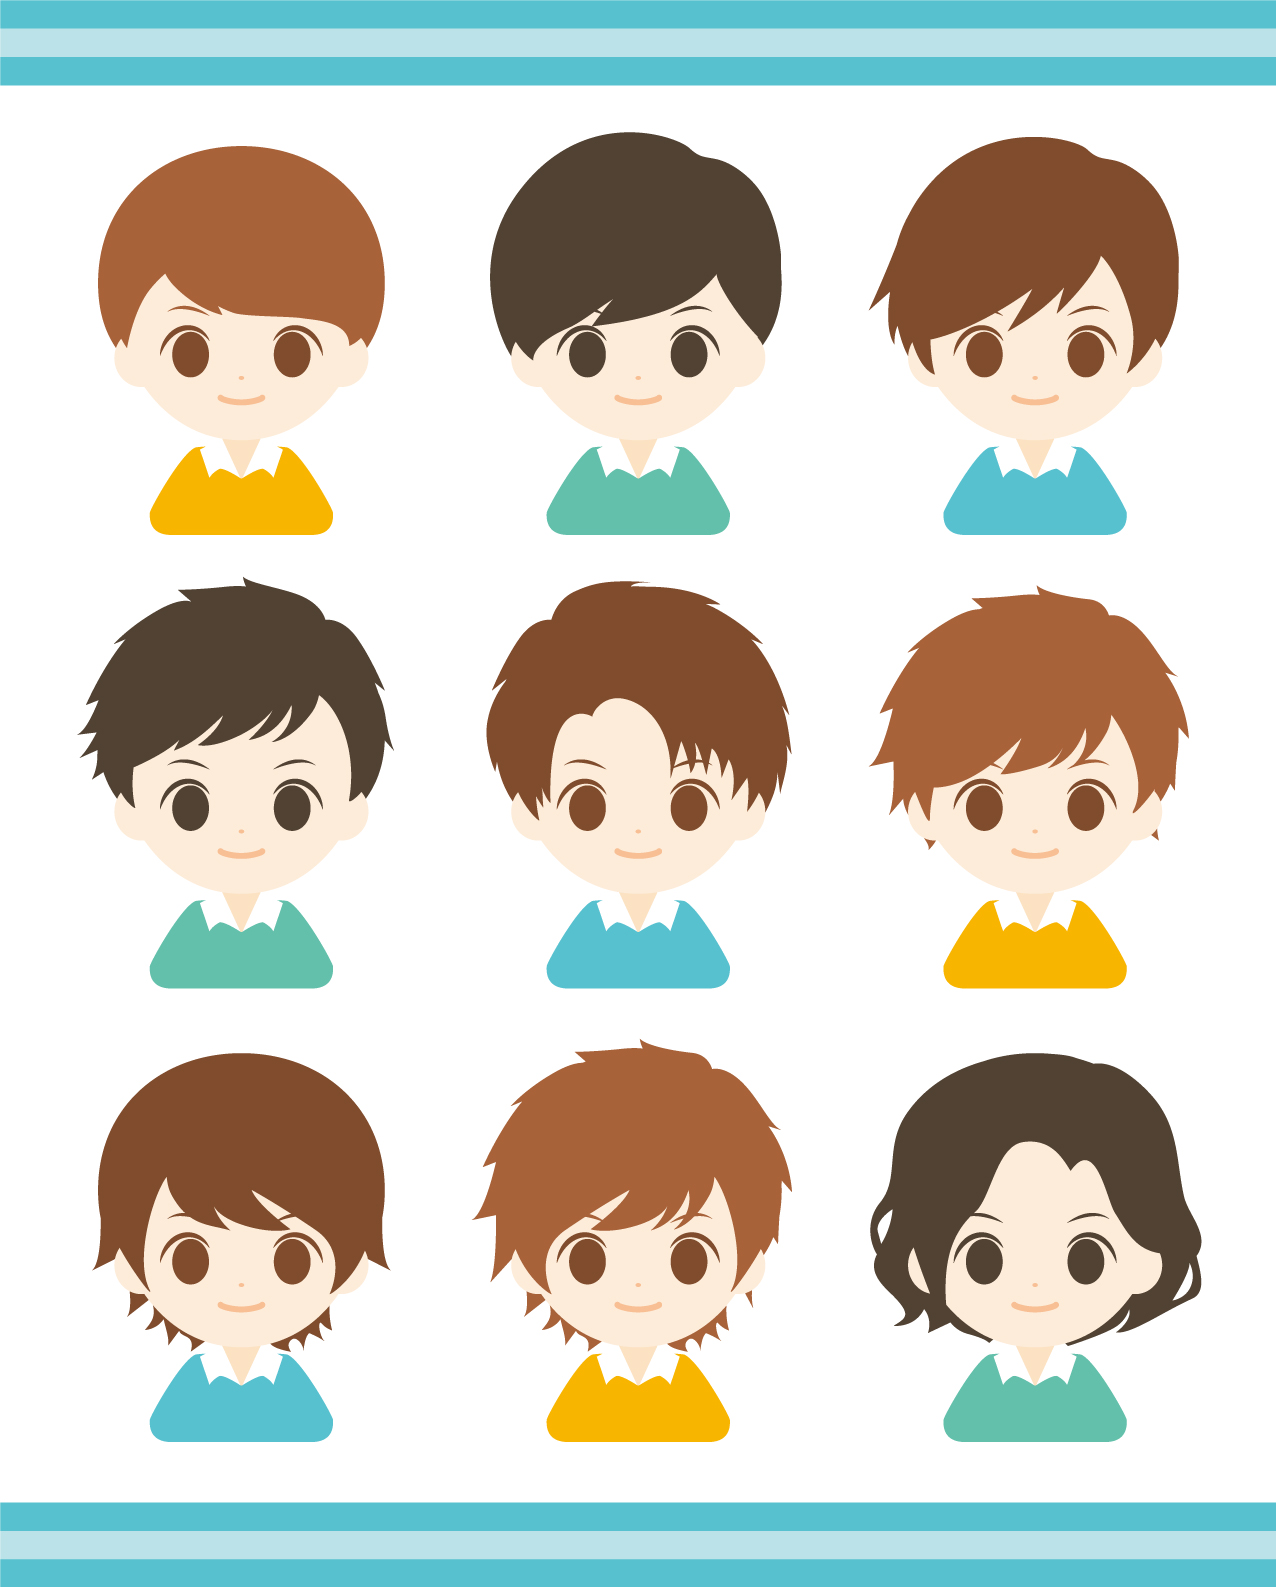 兄弟でアスペルガー症候群のタイプは違う。兄は積極奇異型、弟は受動型